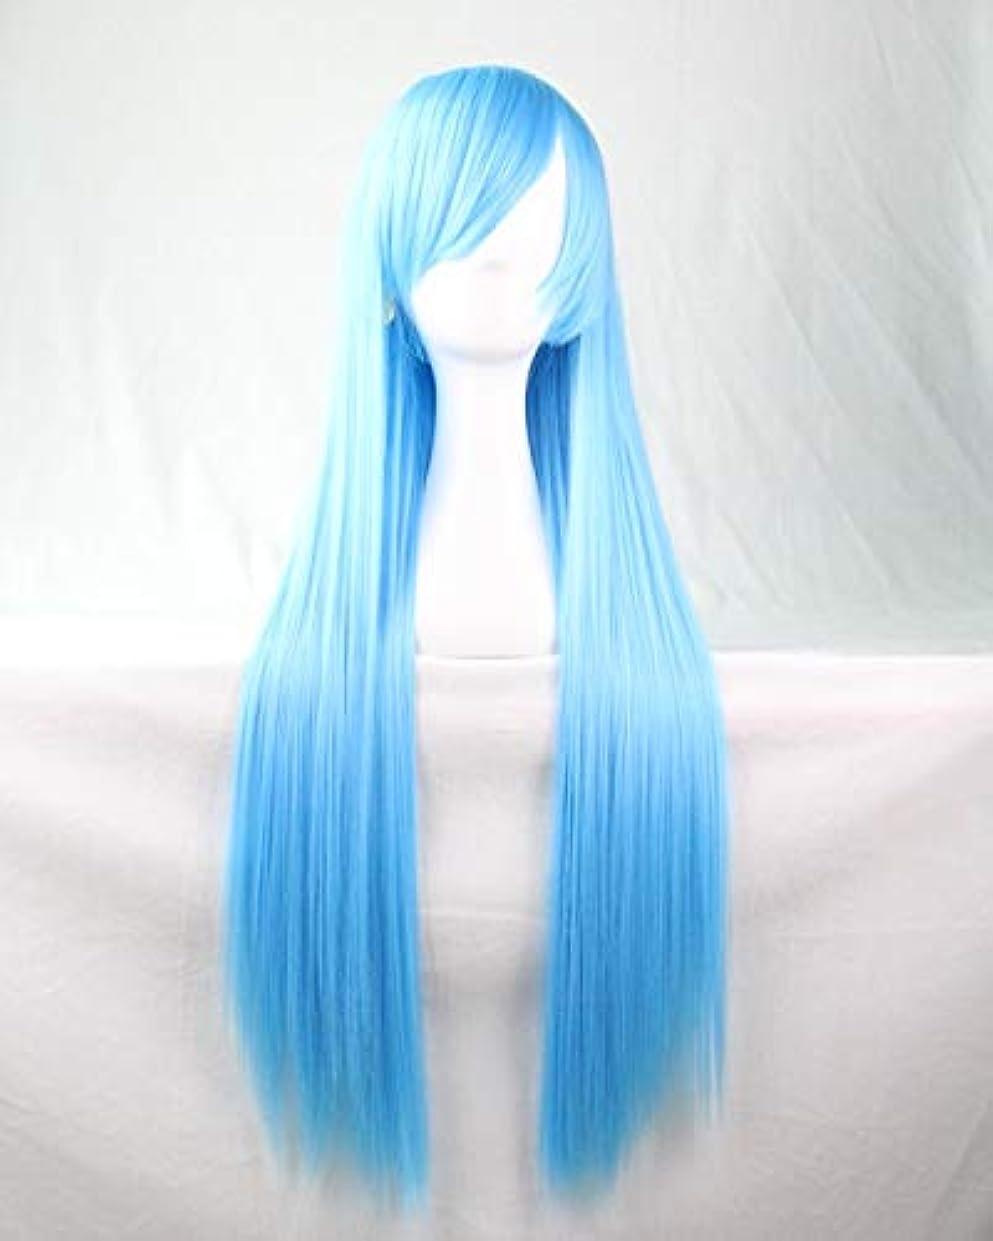 起きている一握りシビック女性のためのかつらキャップロングファンシードレスストレートウィッグ高品質な人工毛コスプレ高密度ウィッグ女性と女の子のためのかつら31.5インチ (Color : Aqua blue)